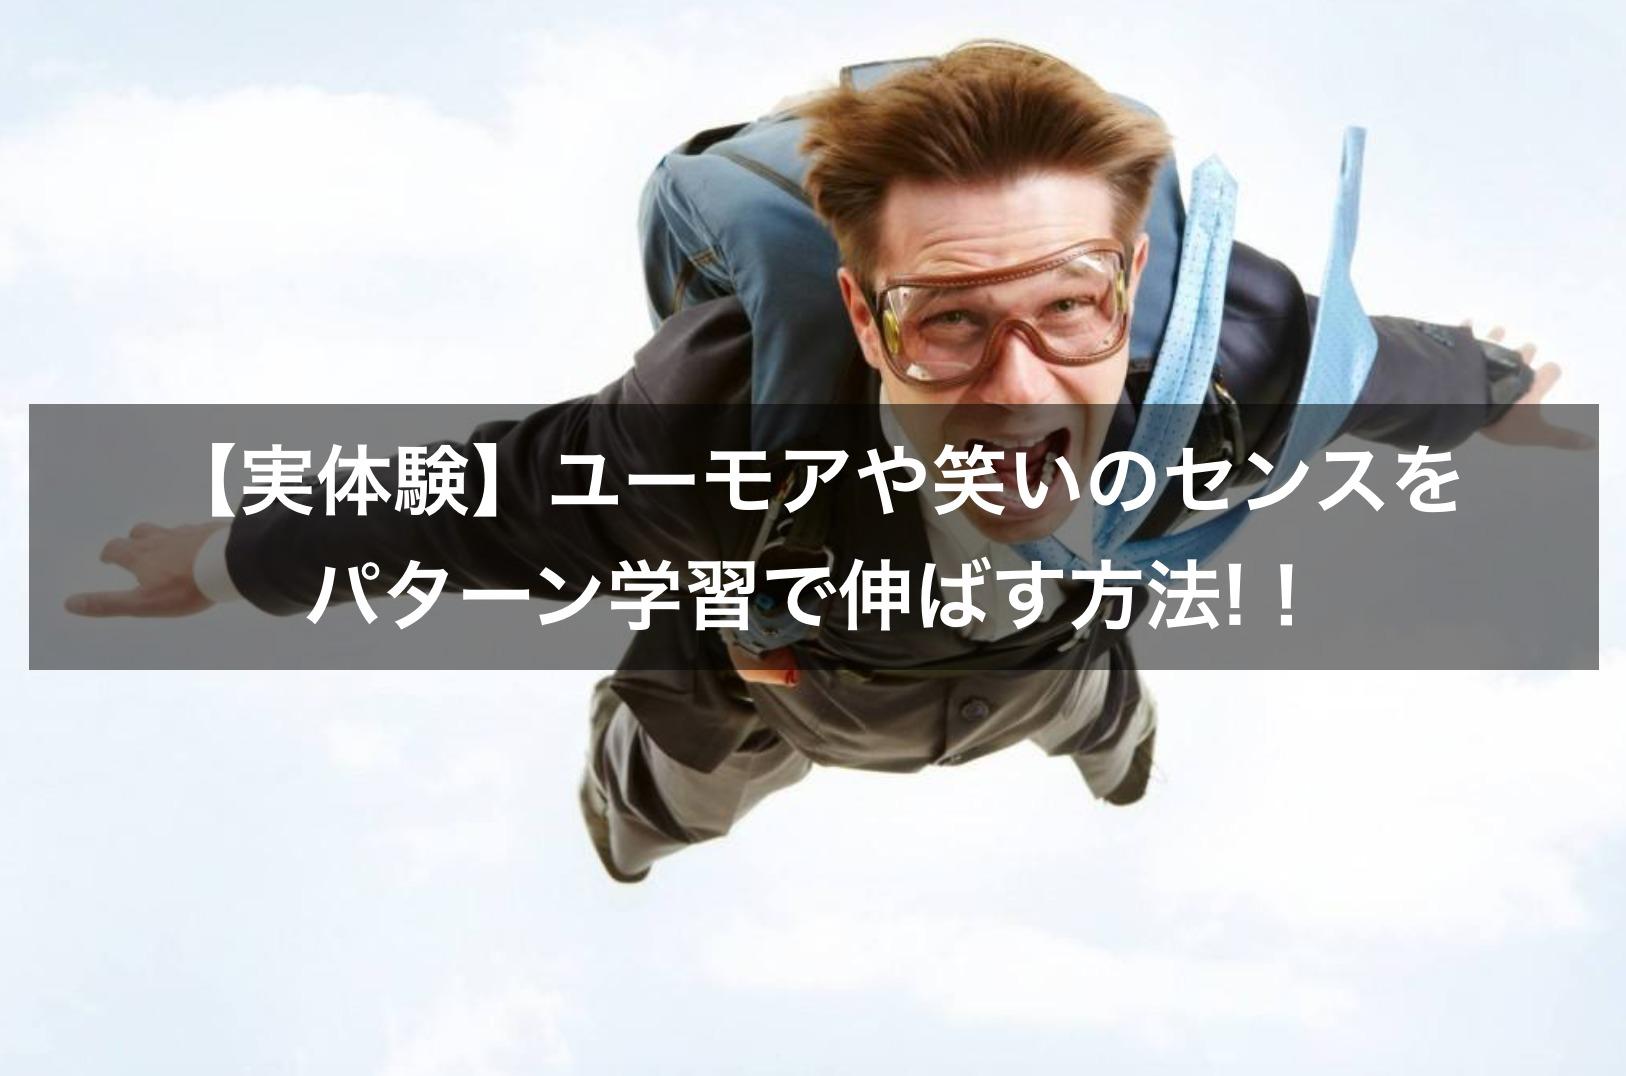 【実体験】ユーモアや笑いのセンスをパターン学習で伸ばす方法! センスがない人こそ、笑いのメカニズムを学ぶべき理由